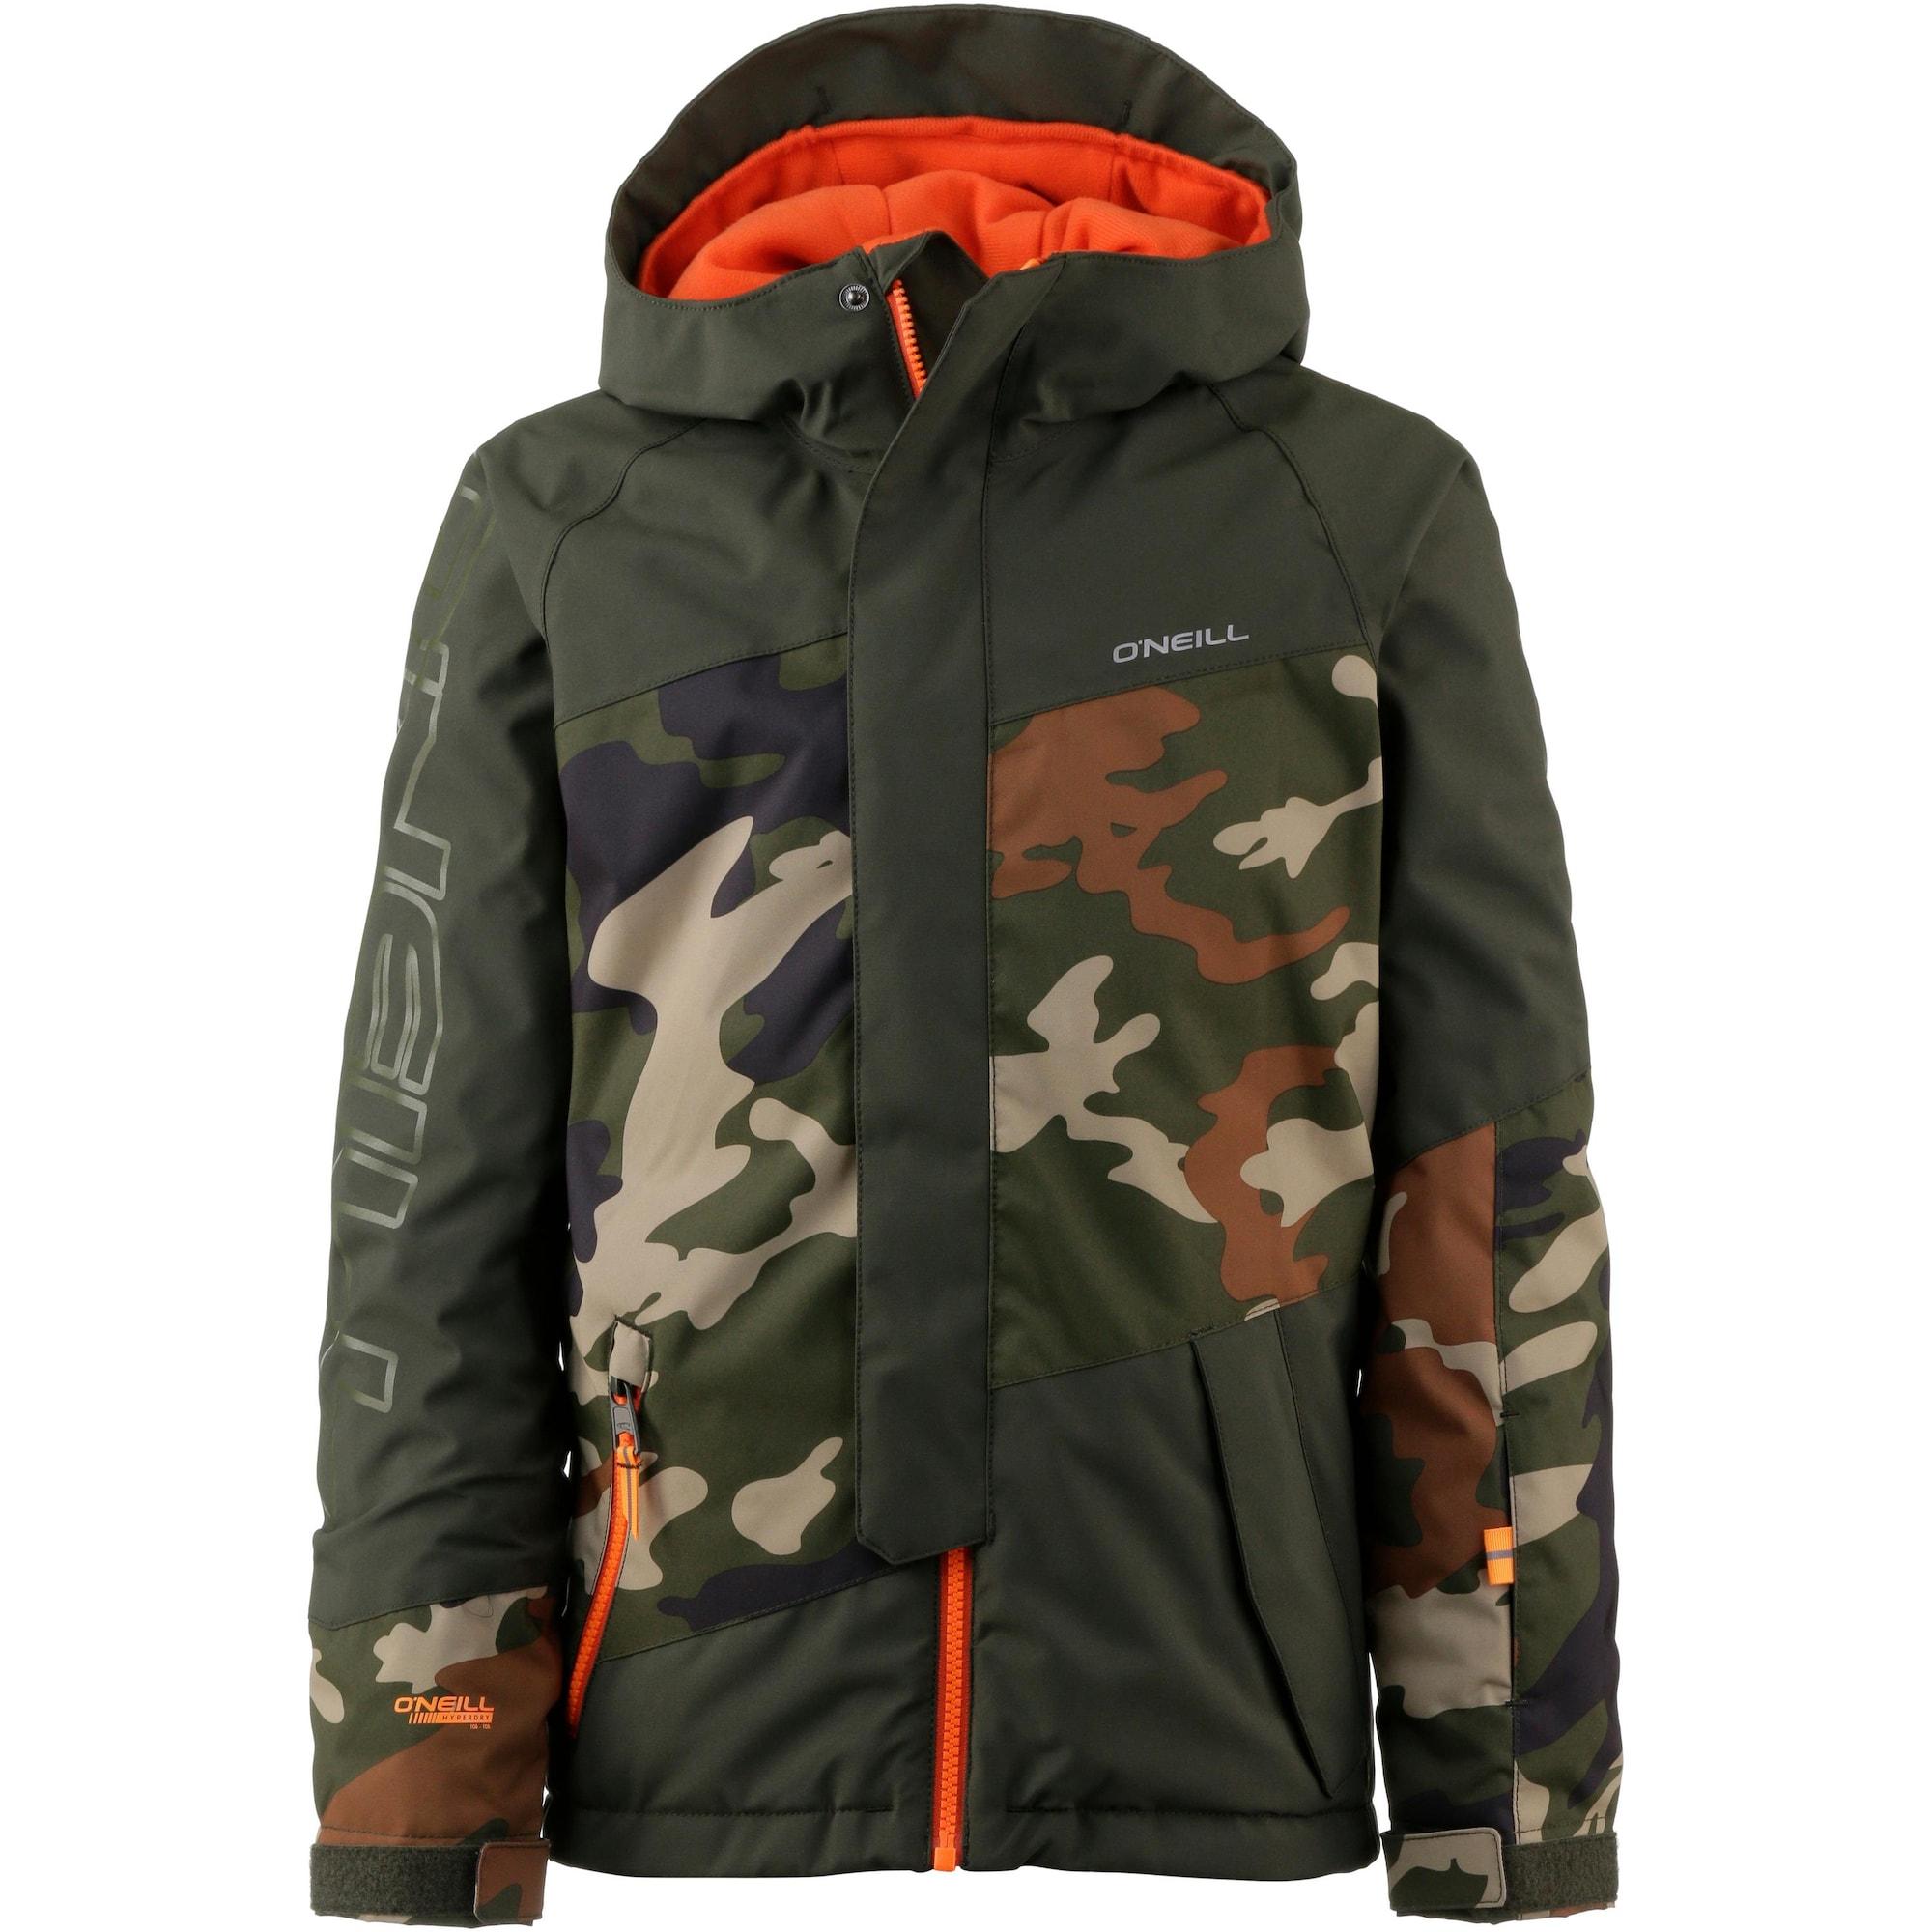 ONEILL Outdoorová bunda béžová tmavě modrá hnědá tmavě zelená tmavě oranžová O'NEILL